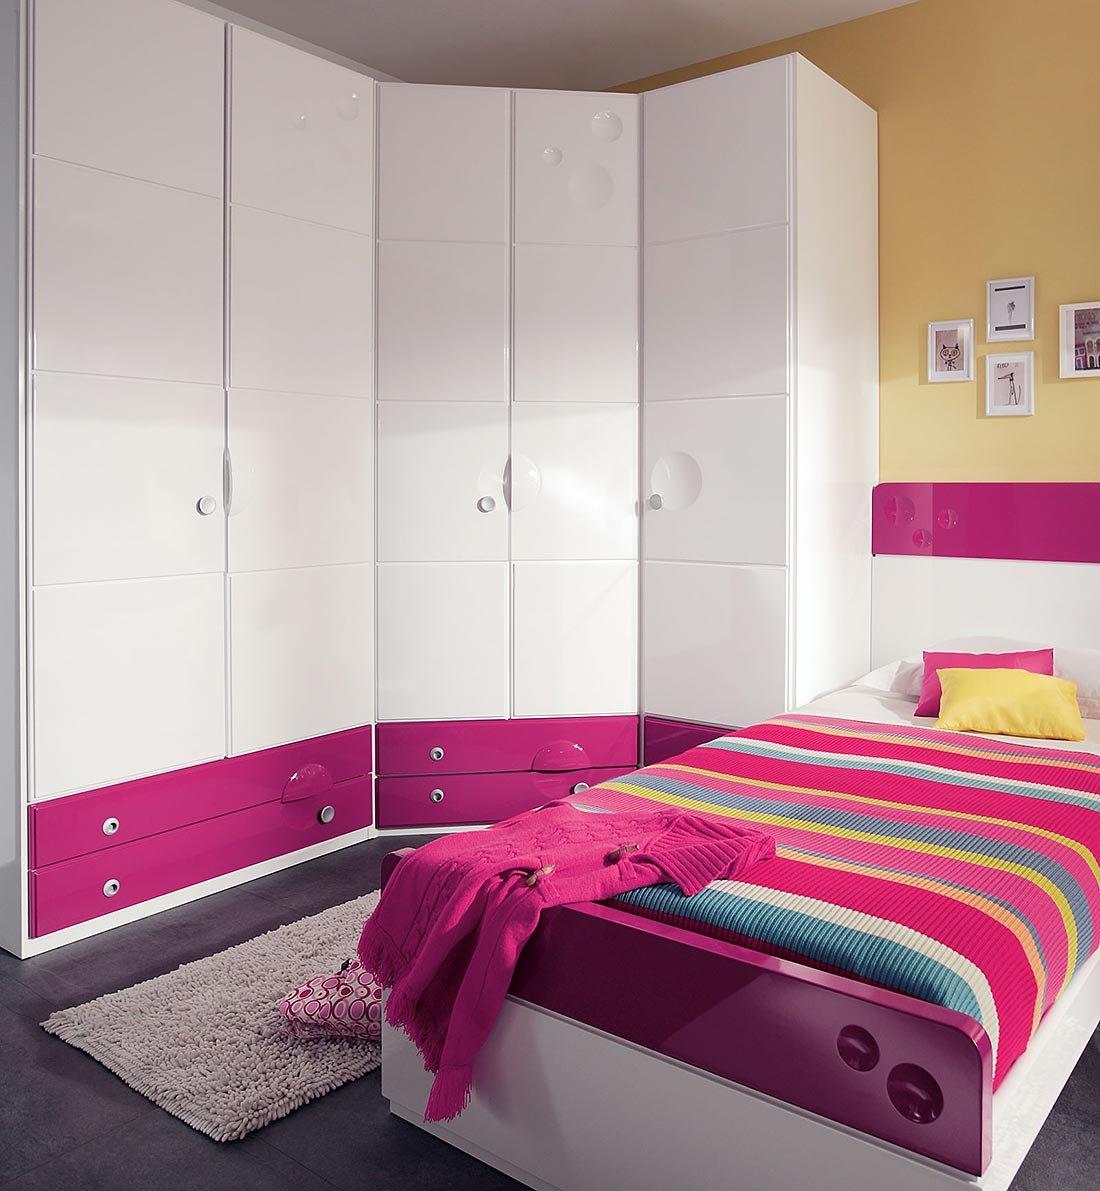 Decoracion Recamaras Juveniles ~ Composiciones de habitaciones juveniles Juraco Habitaciones juveniles